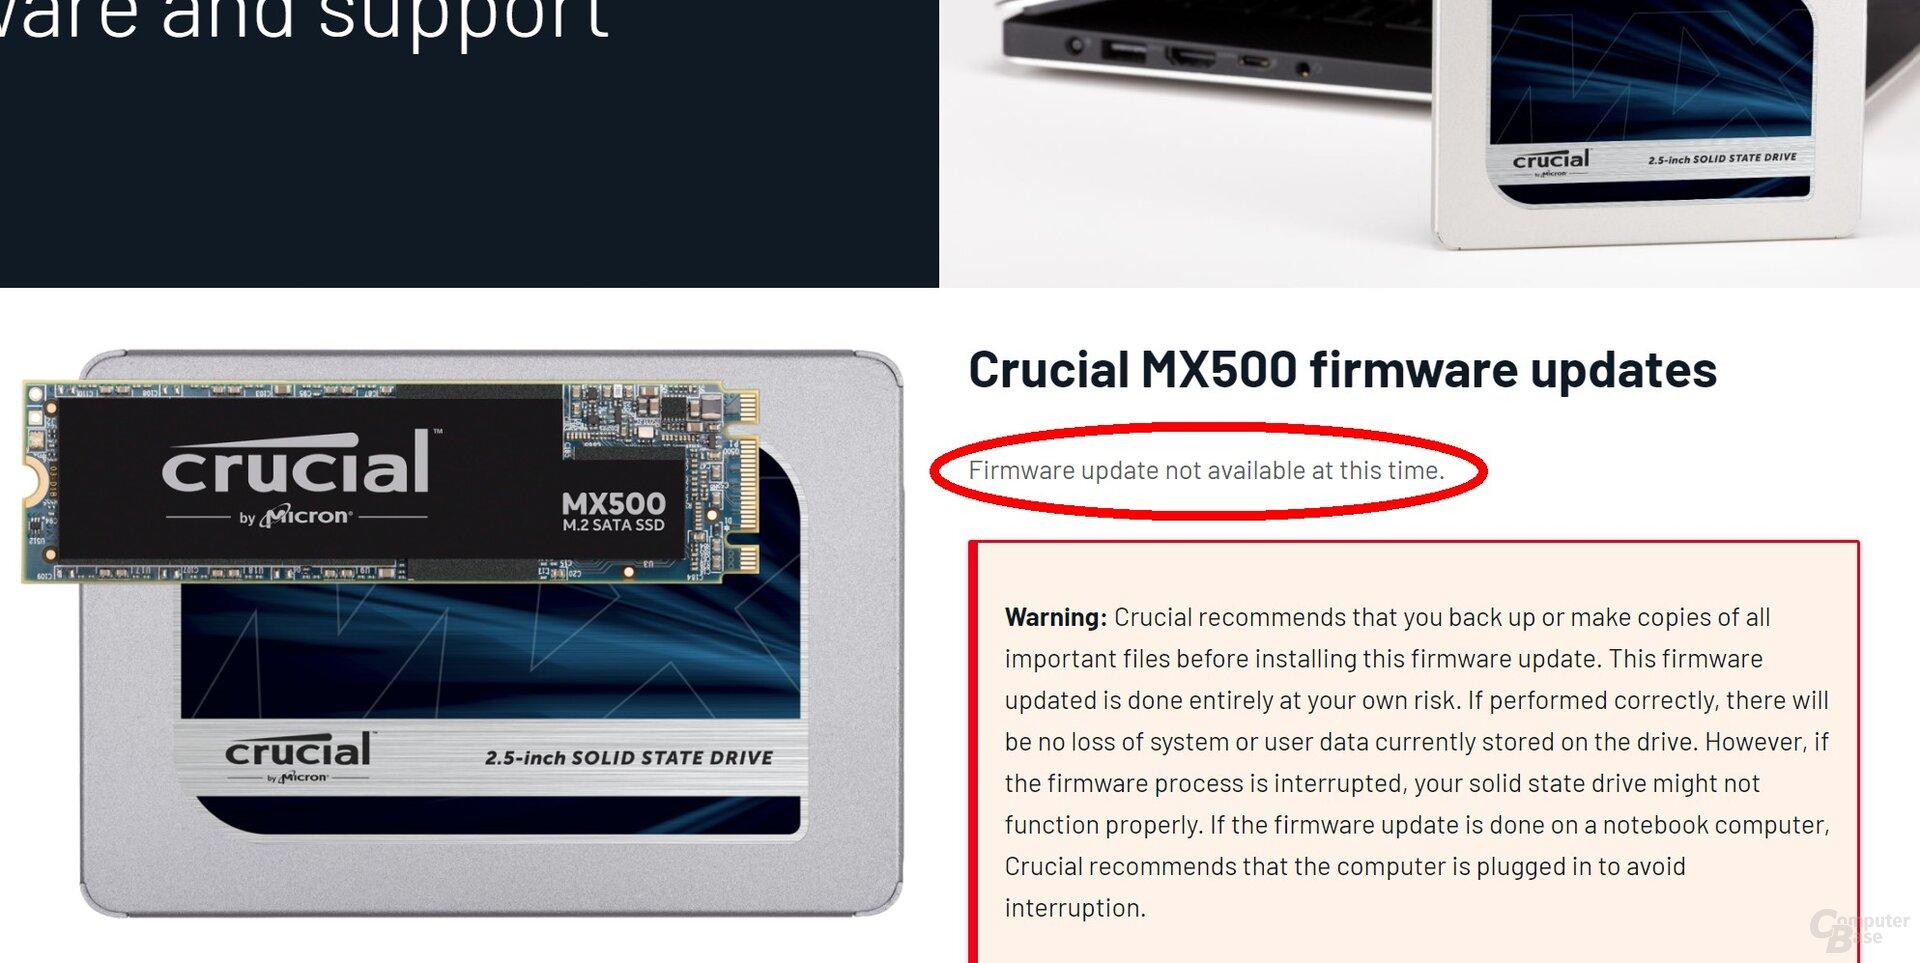 """Support-Seite von Crucial meldet """"zur Zeit kein Firmware-Update verfügbar"""""""